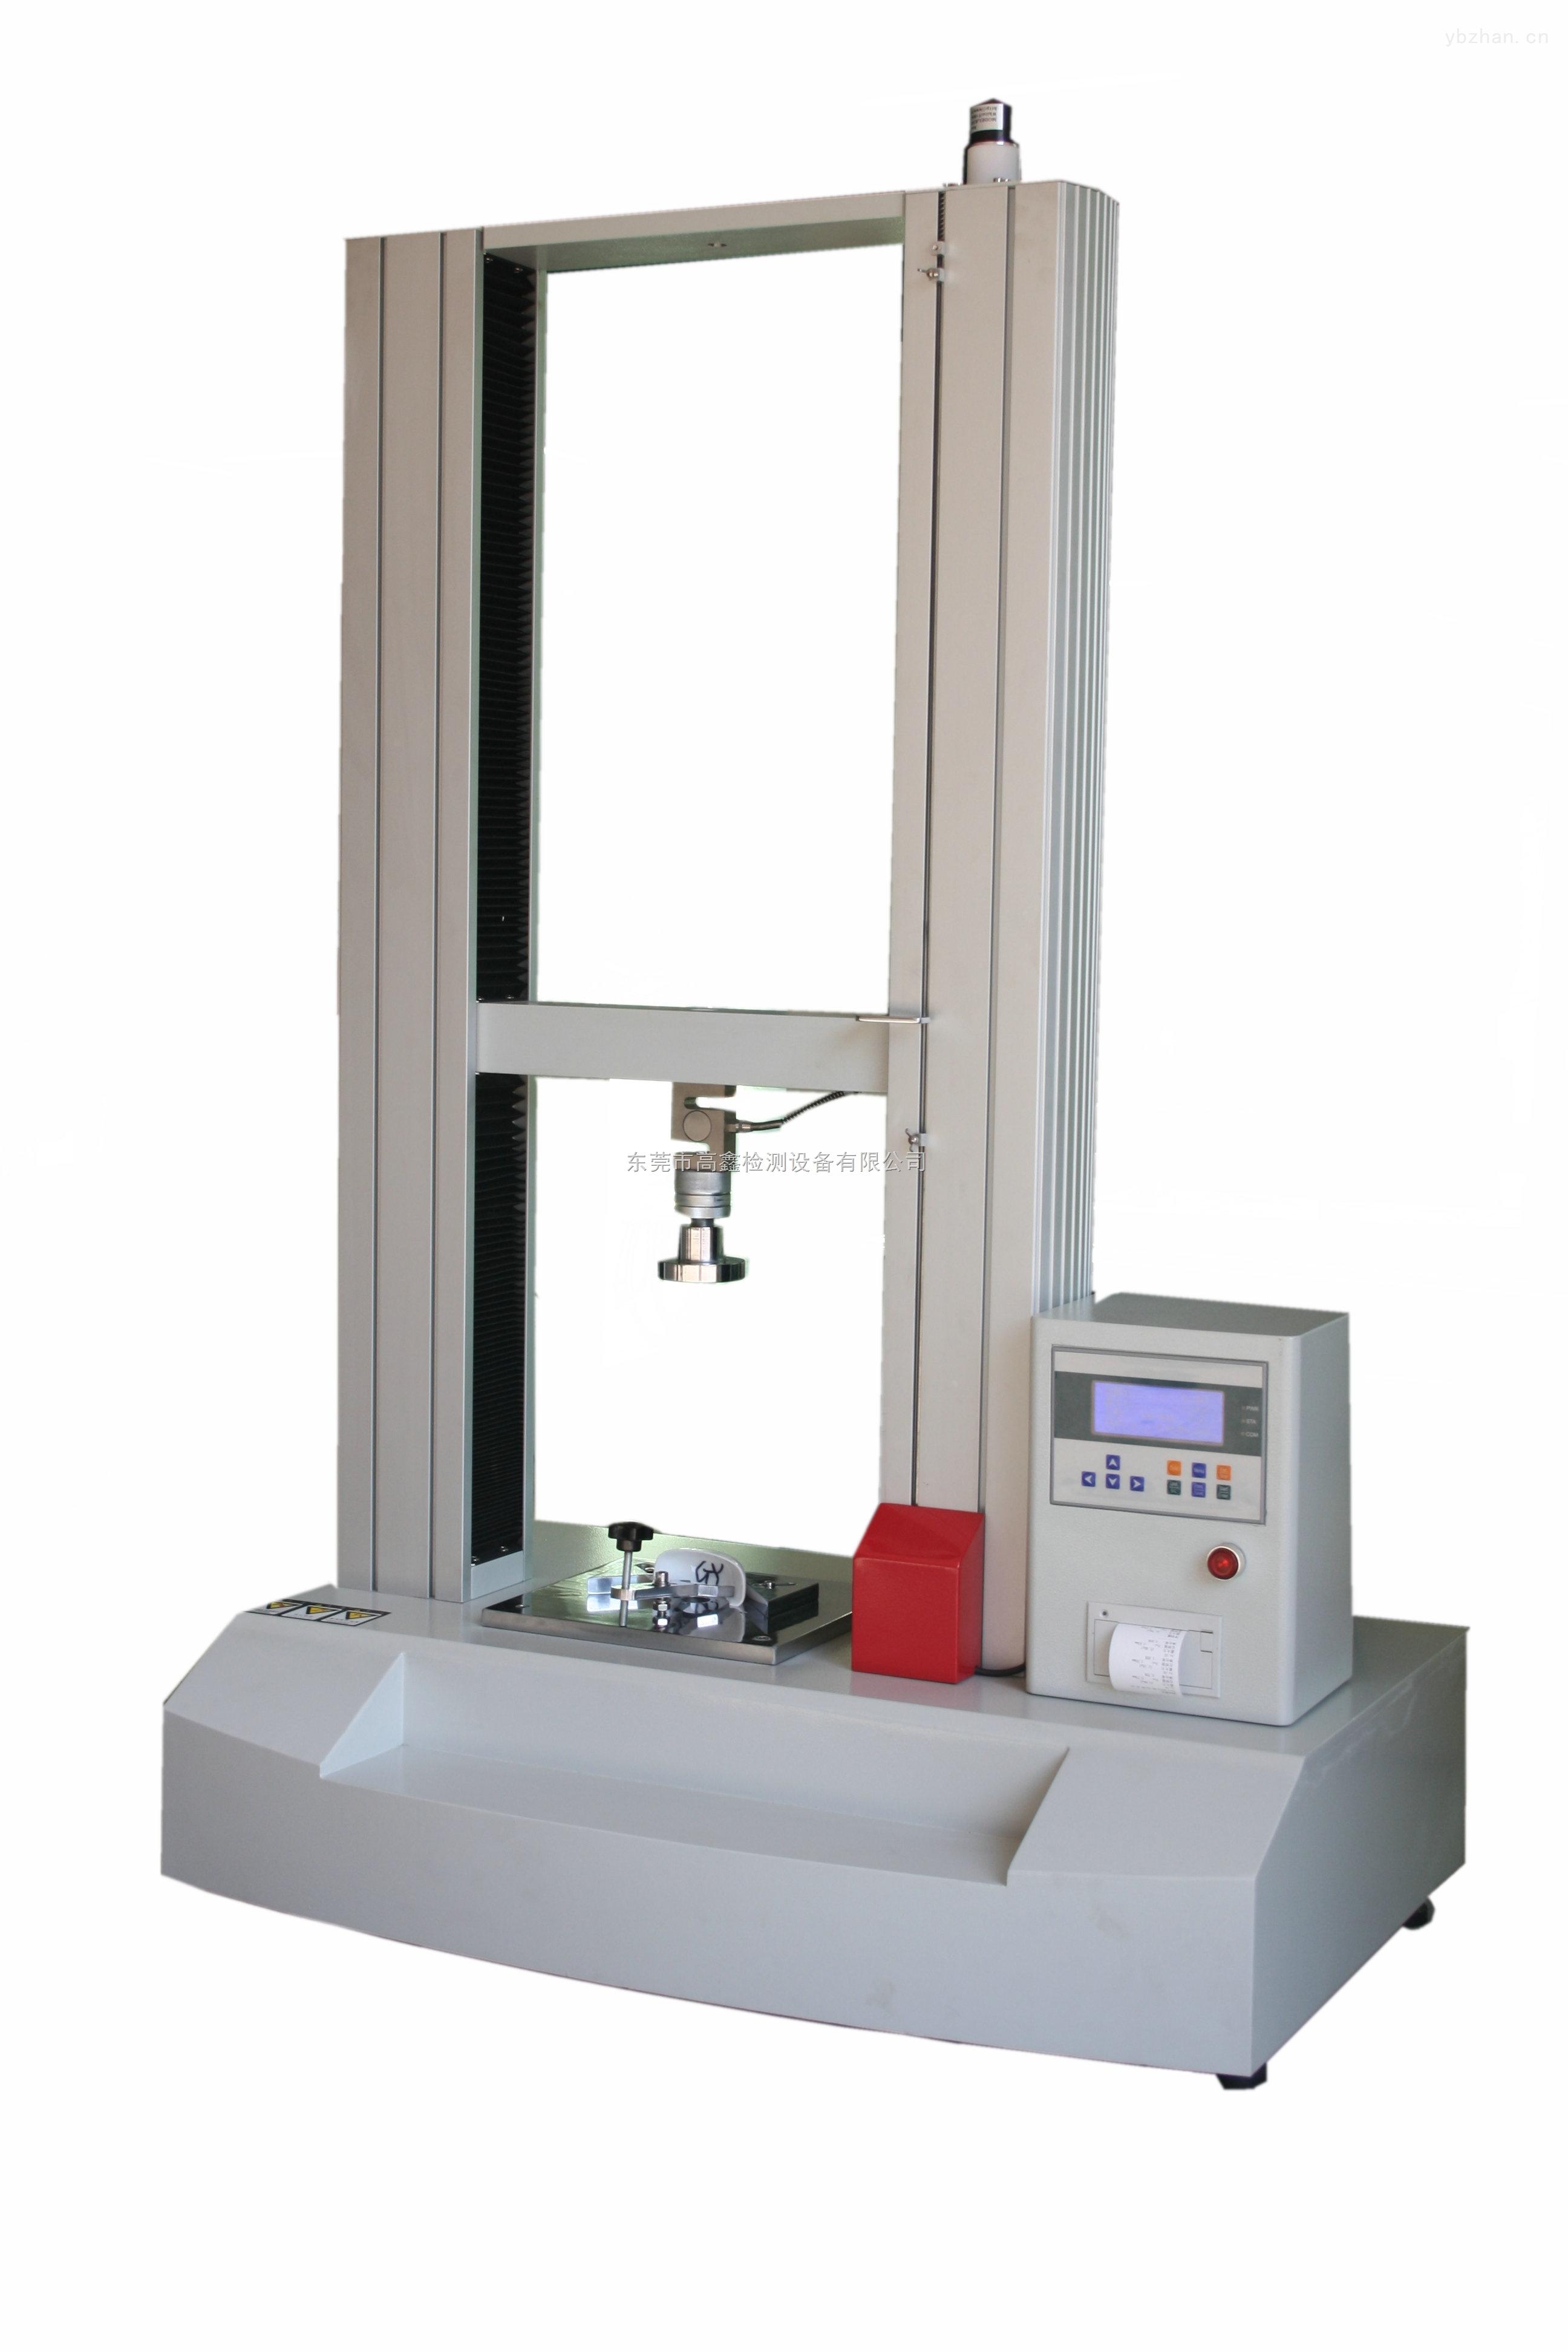 电子式拉力机/电子式拉压力机(桌上型)